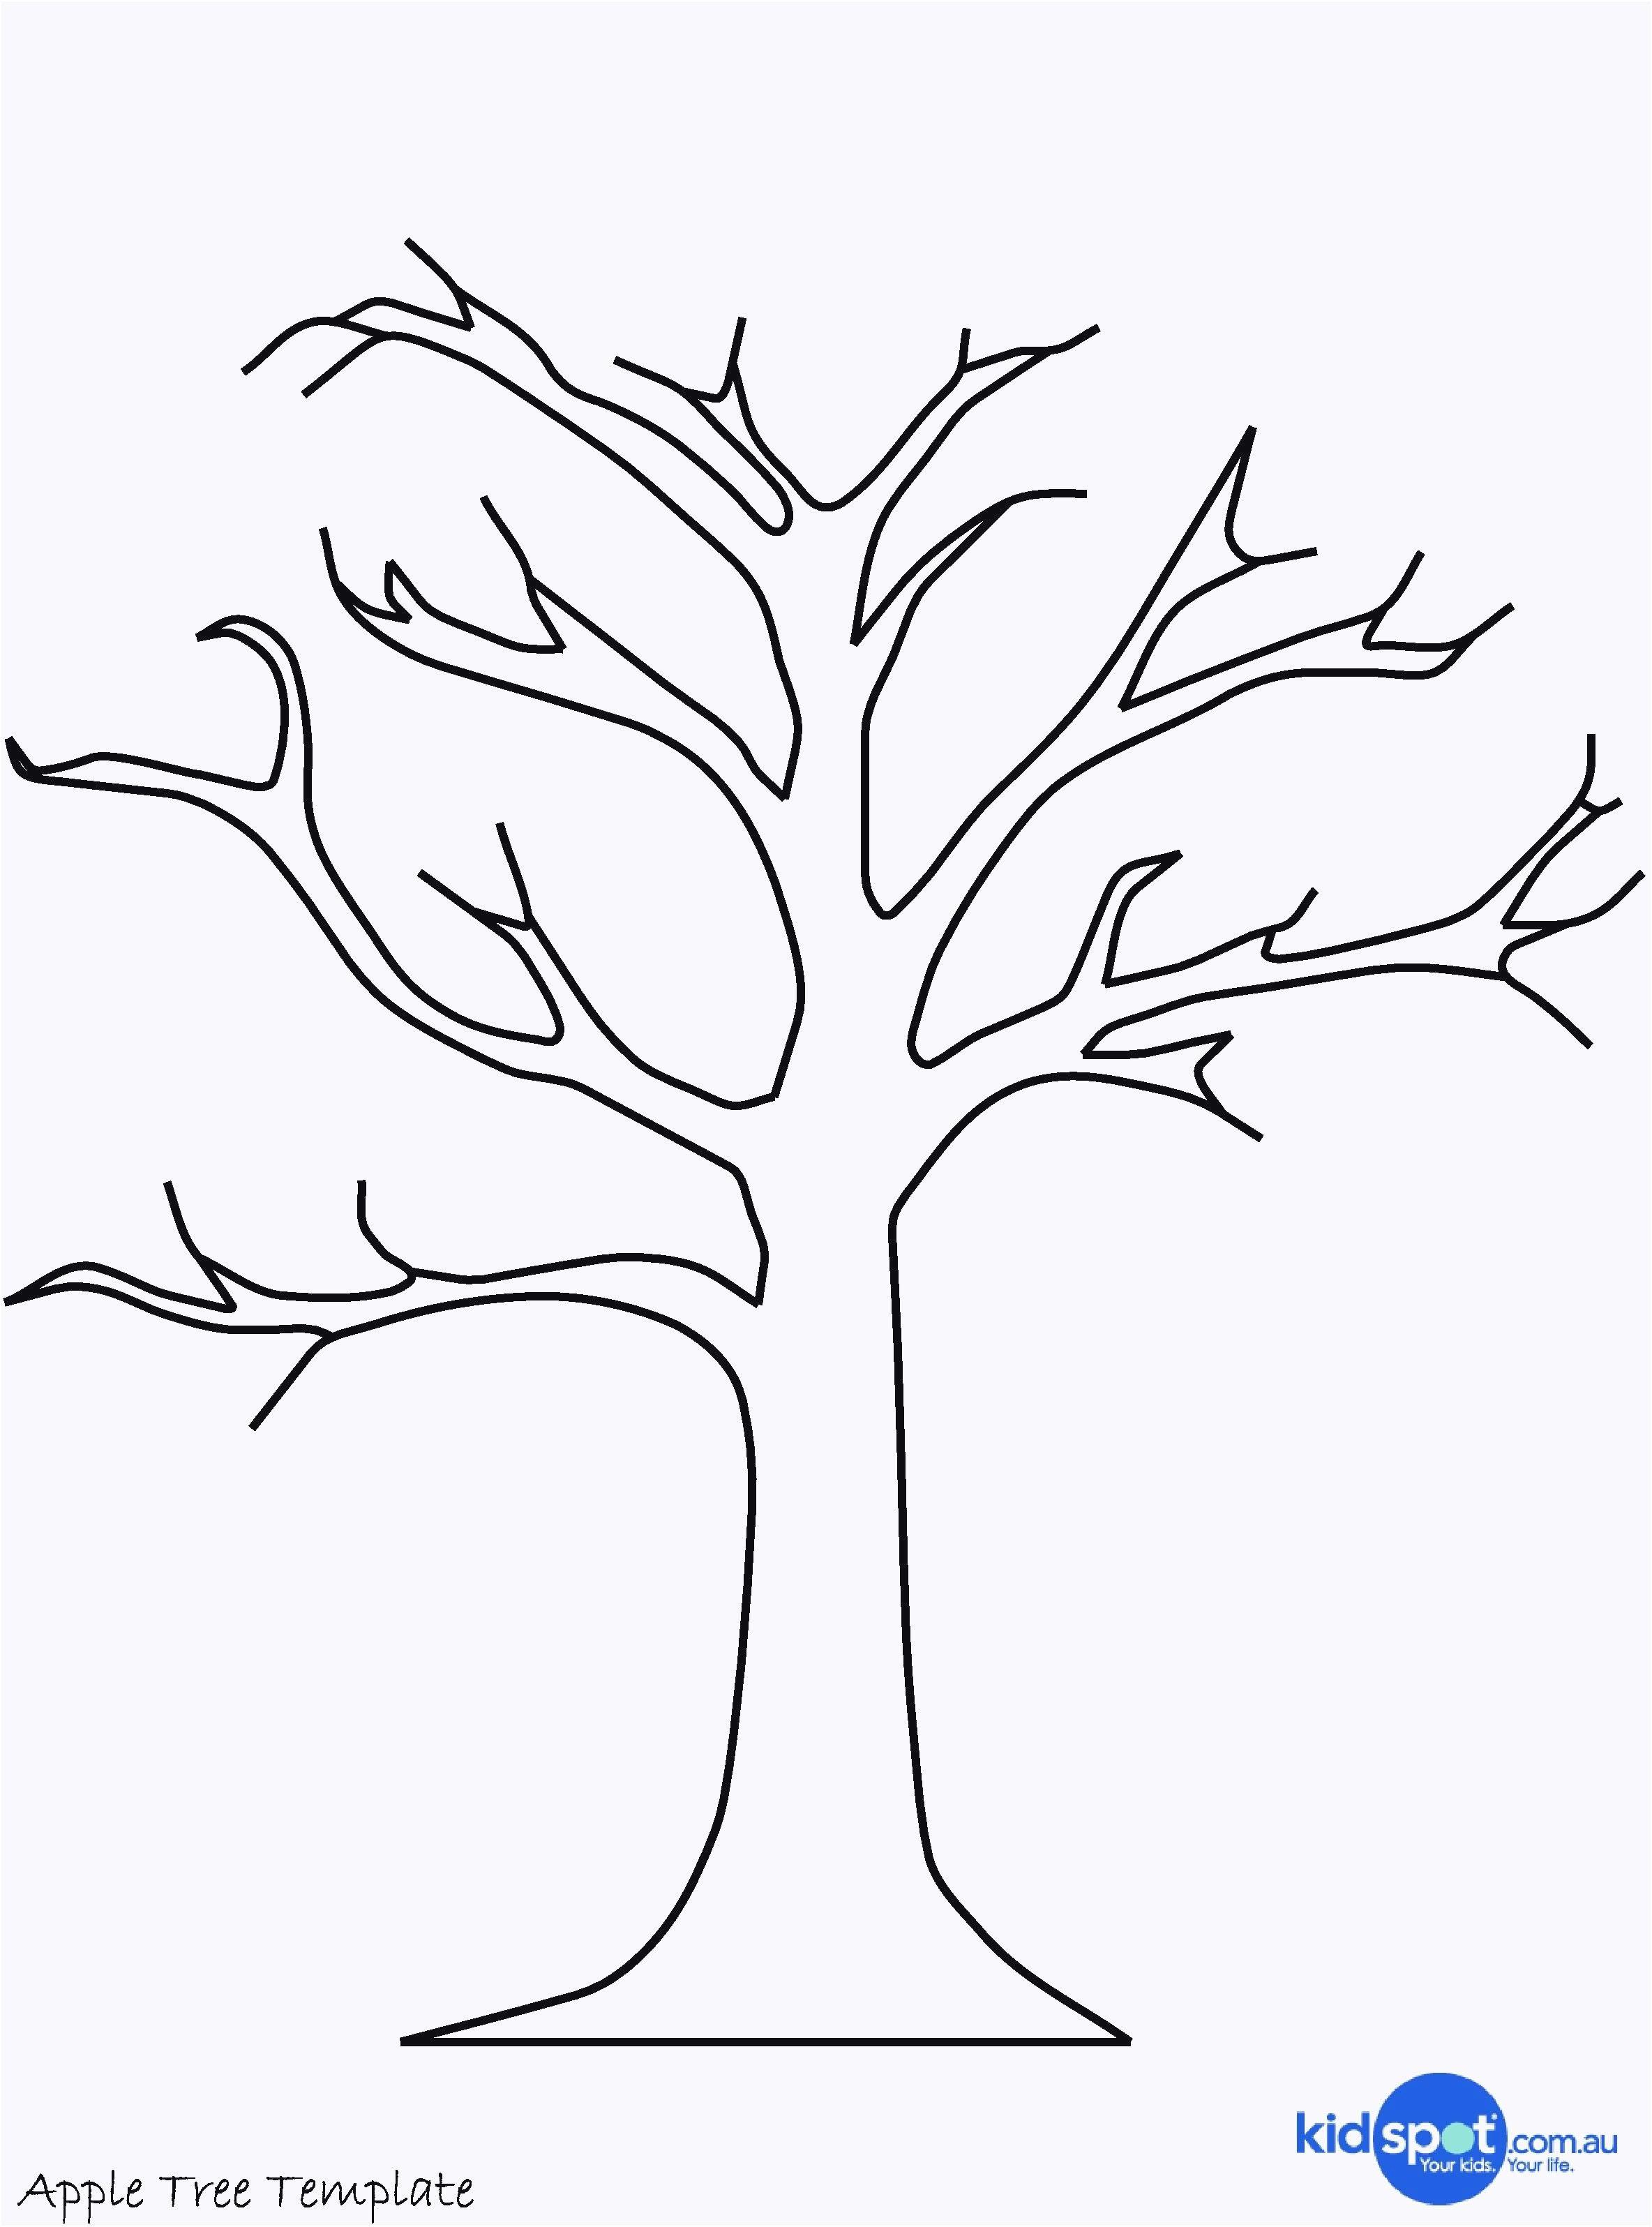 Farbung Malvorlagen Malvorlagenfurkinder Baum Basteln Bastelvorlagen Baum Vorlage